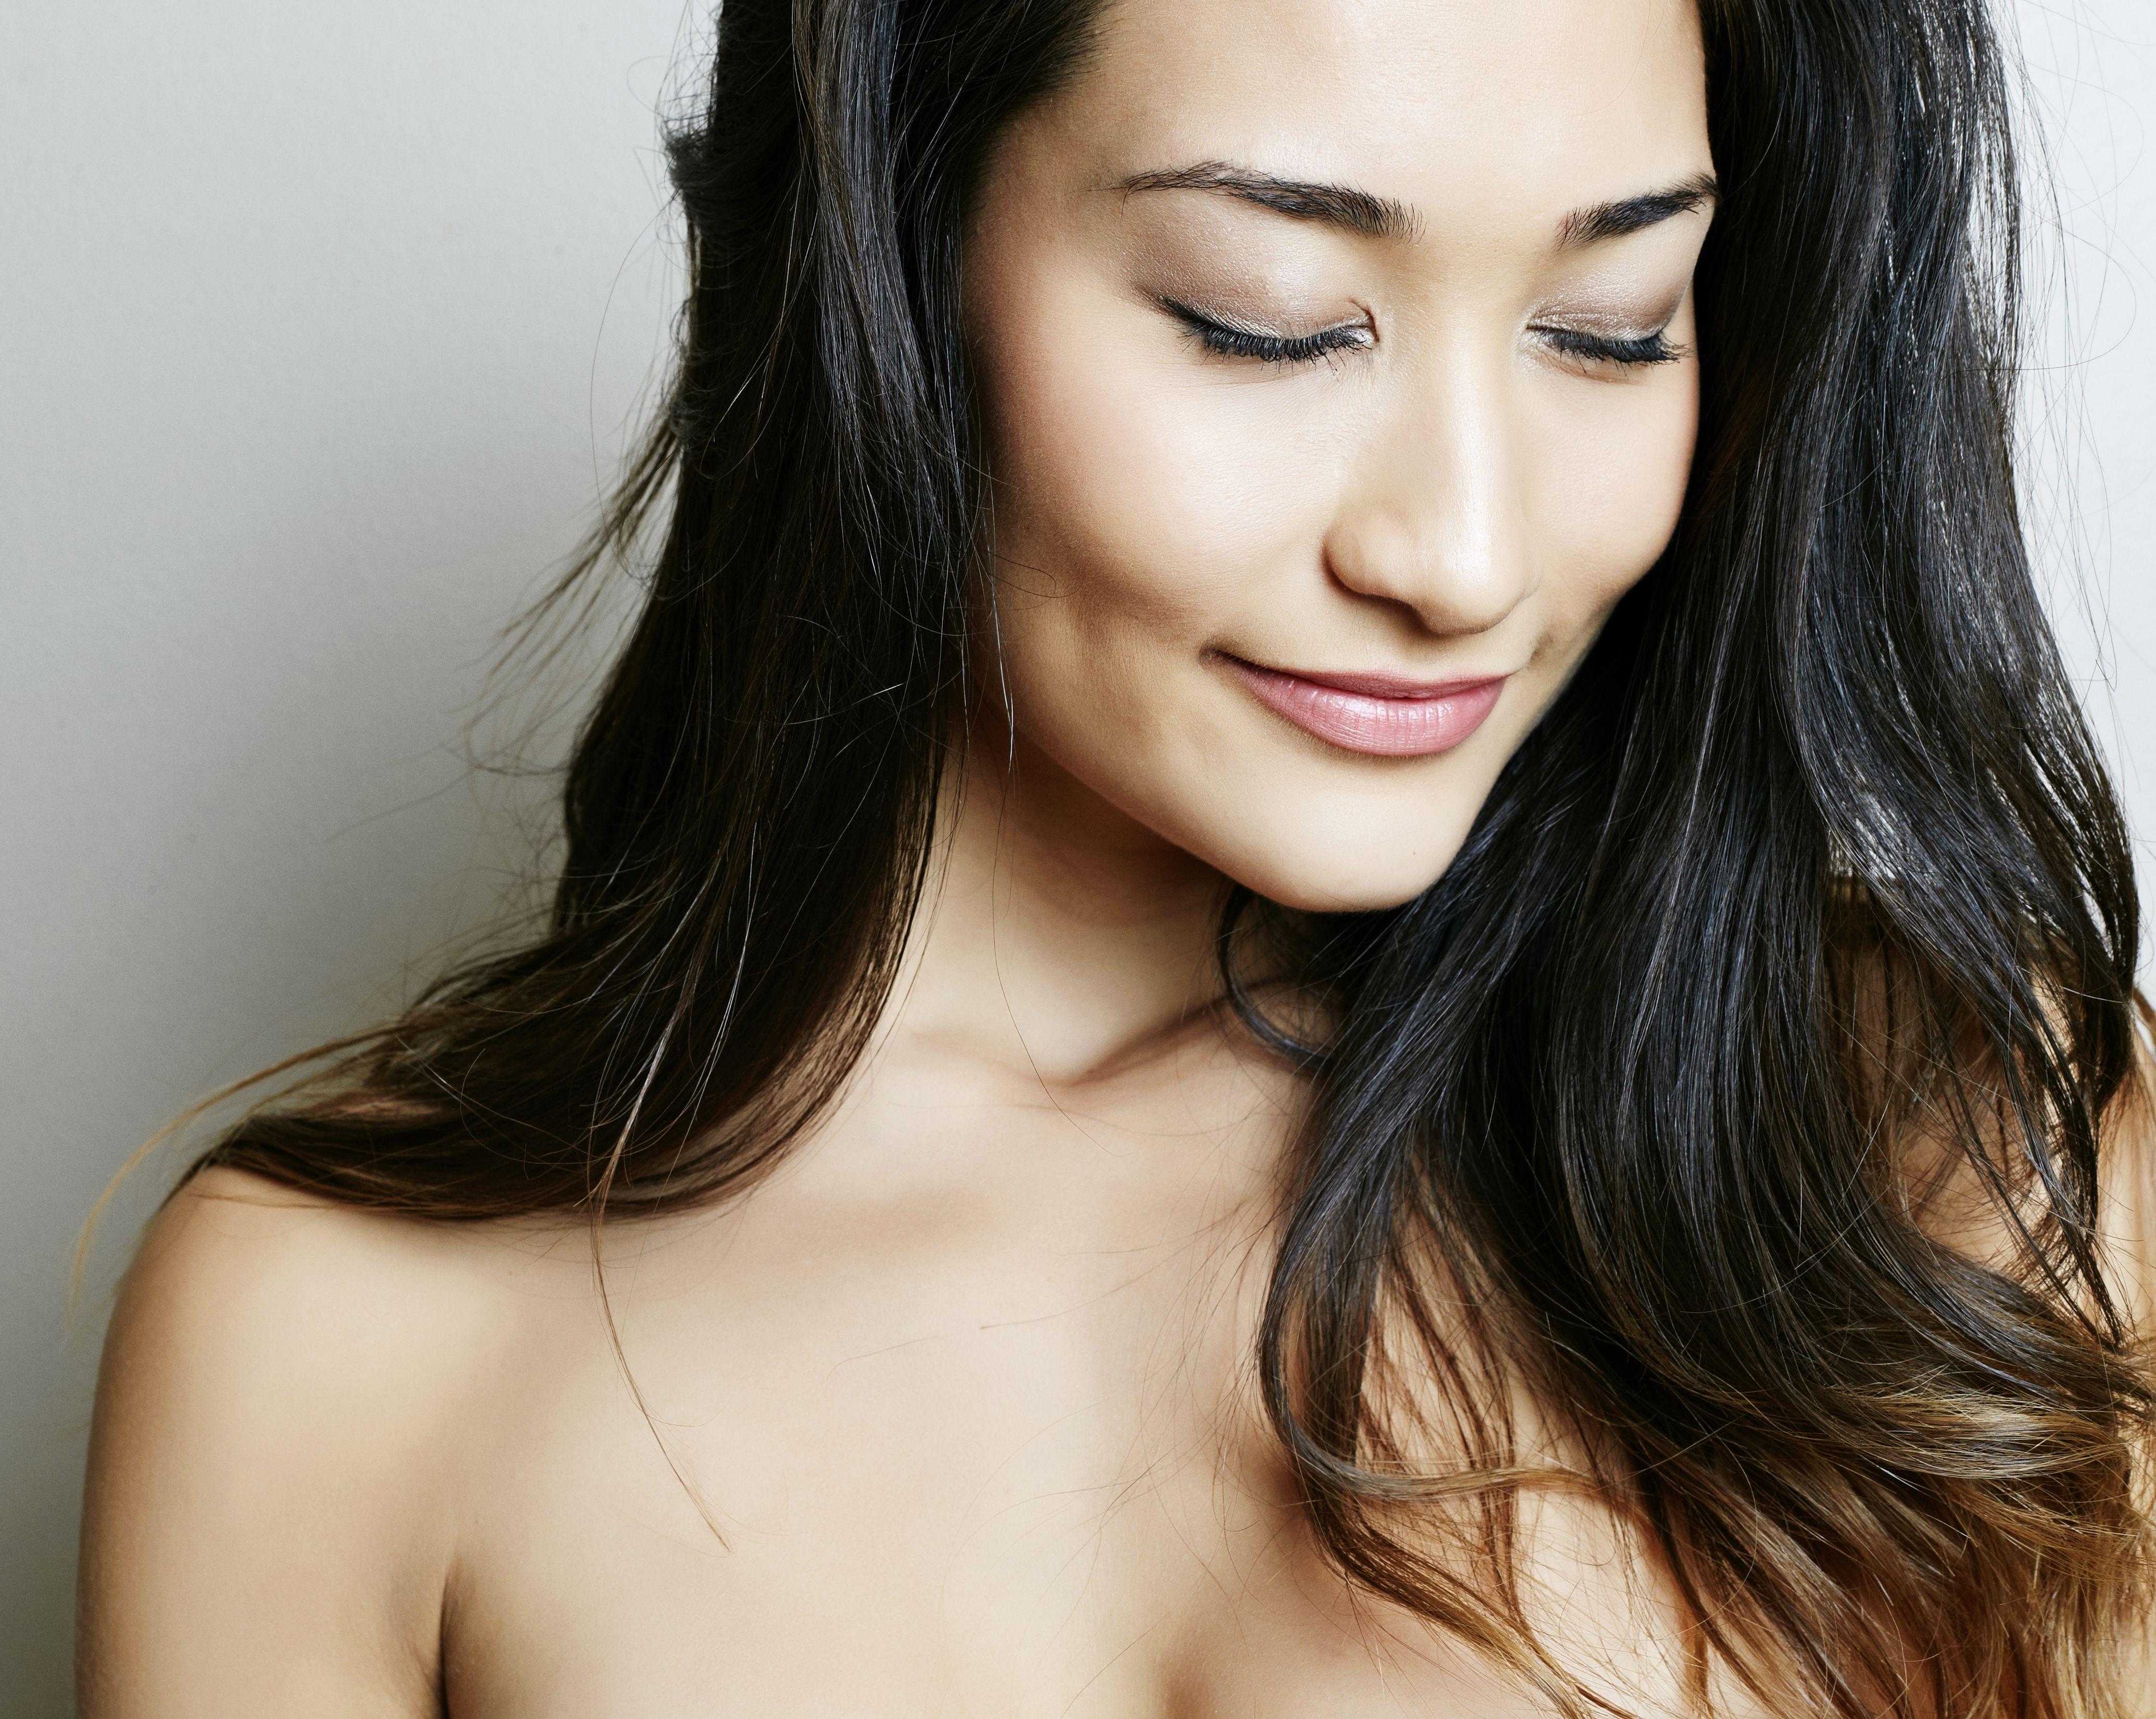 Assam girl boobs photo